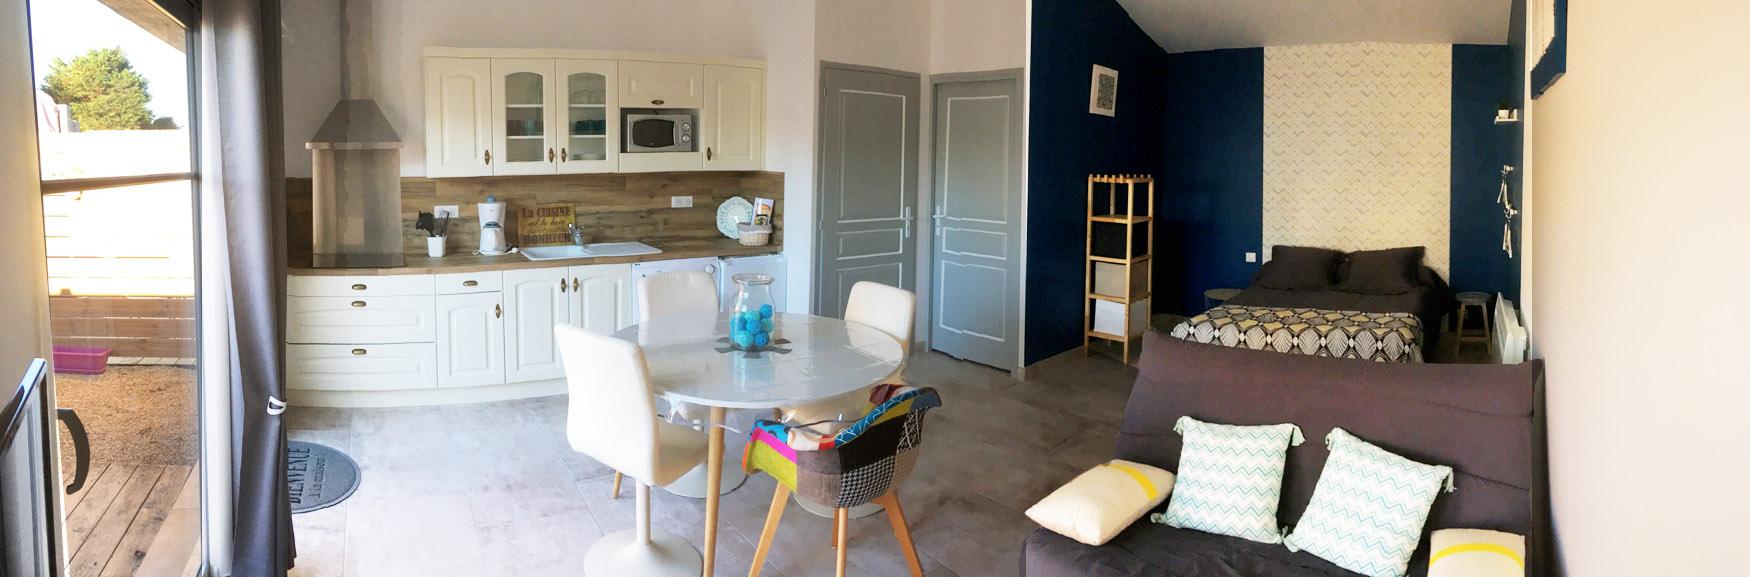 Location Noirmoutier studio intérieur